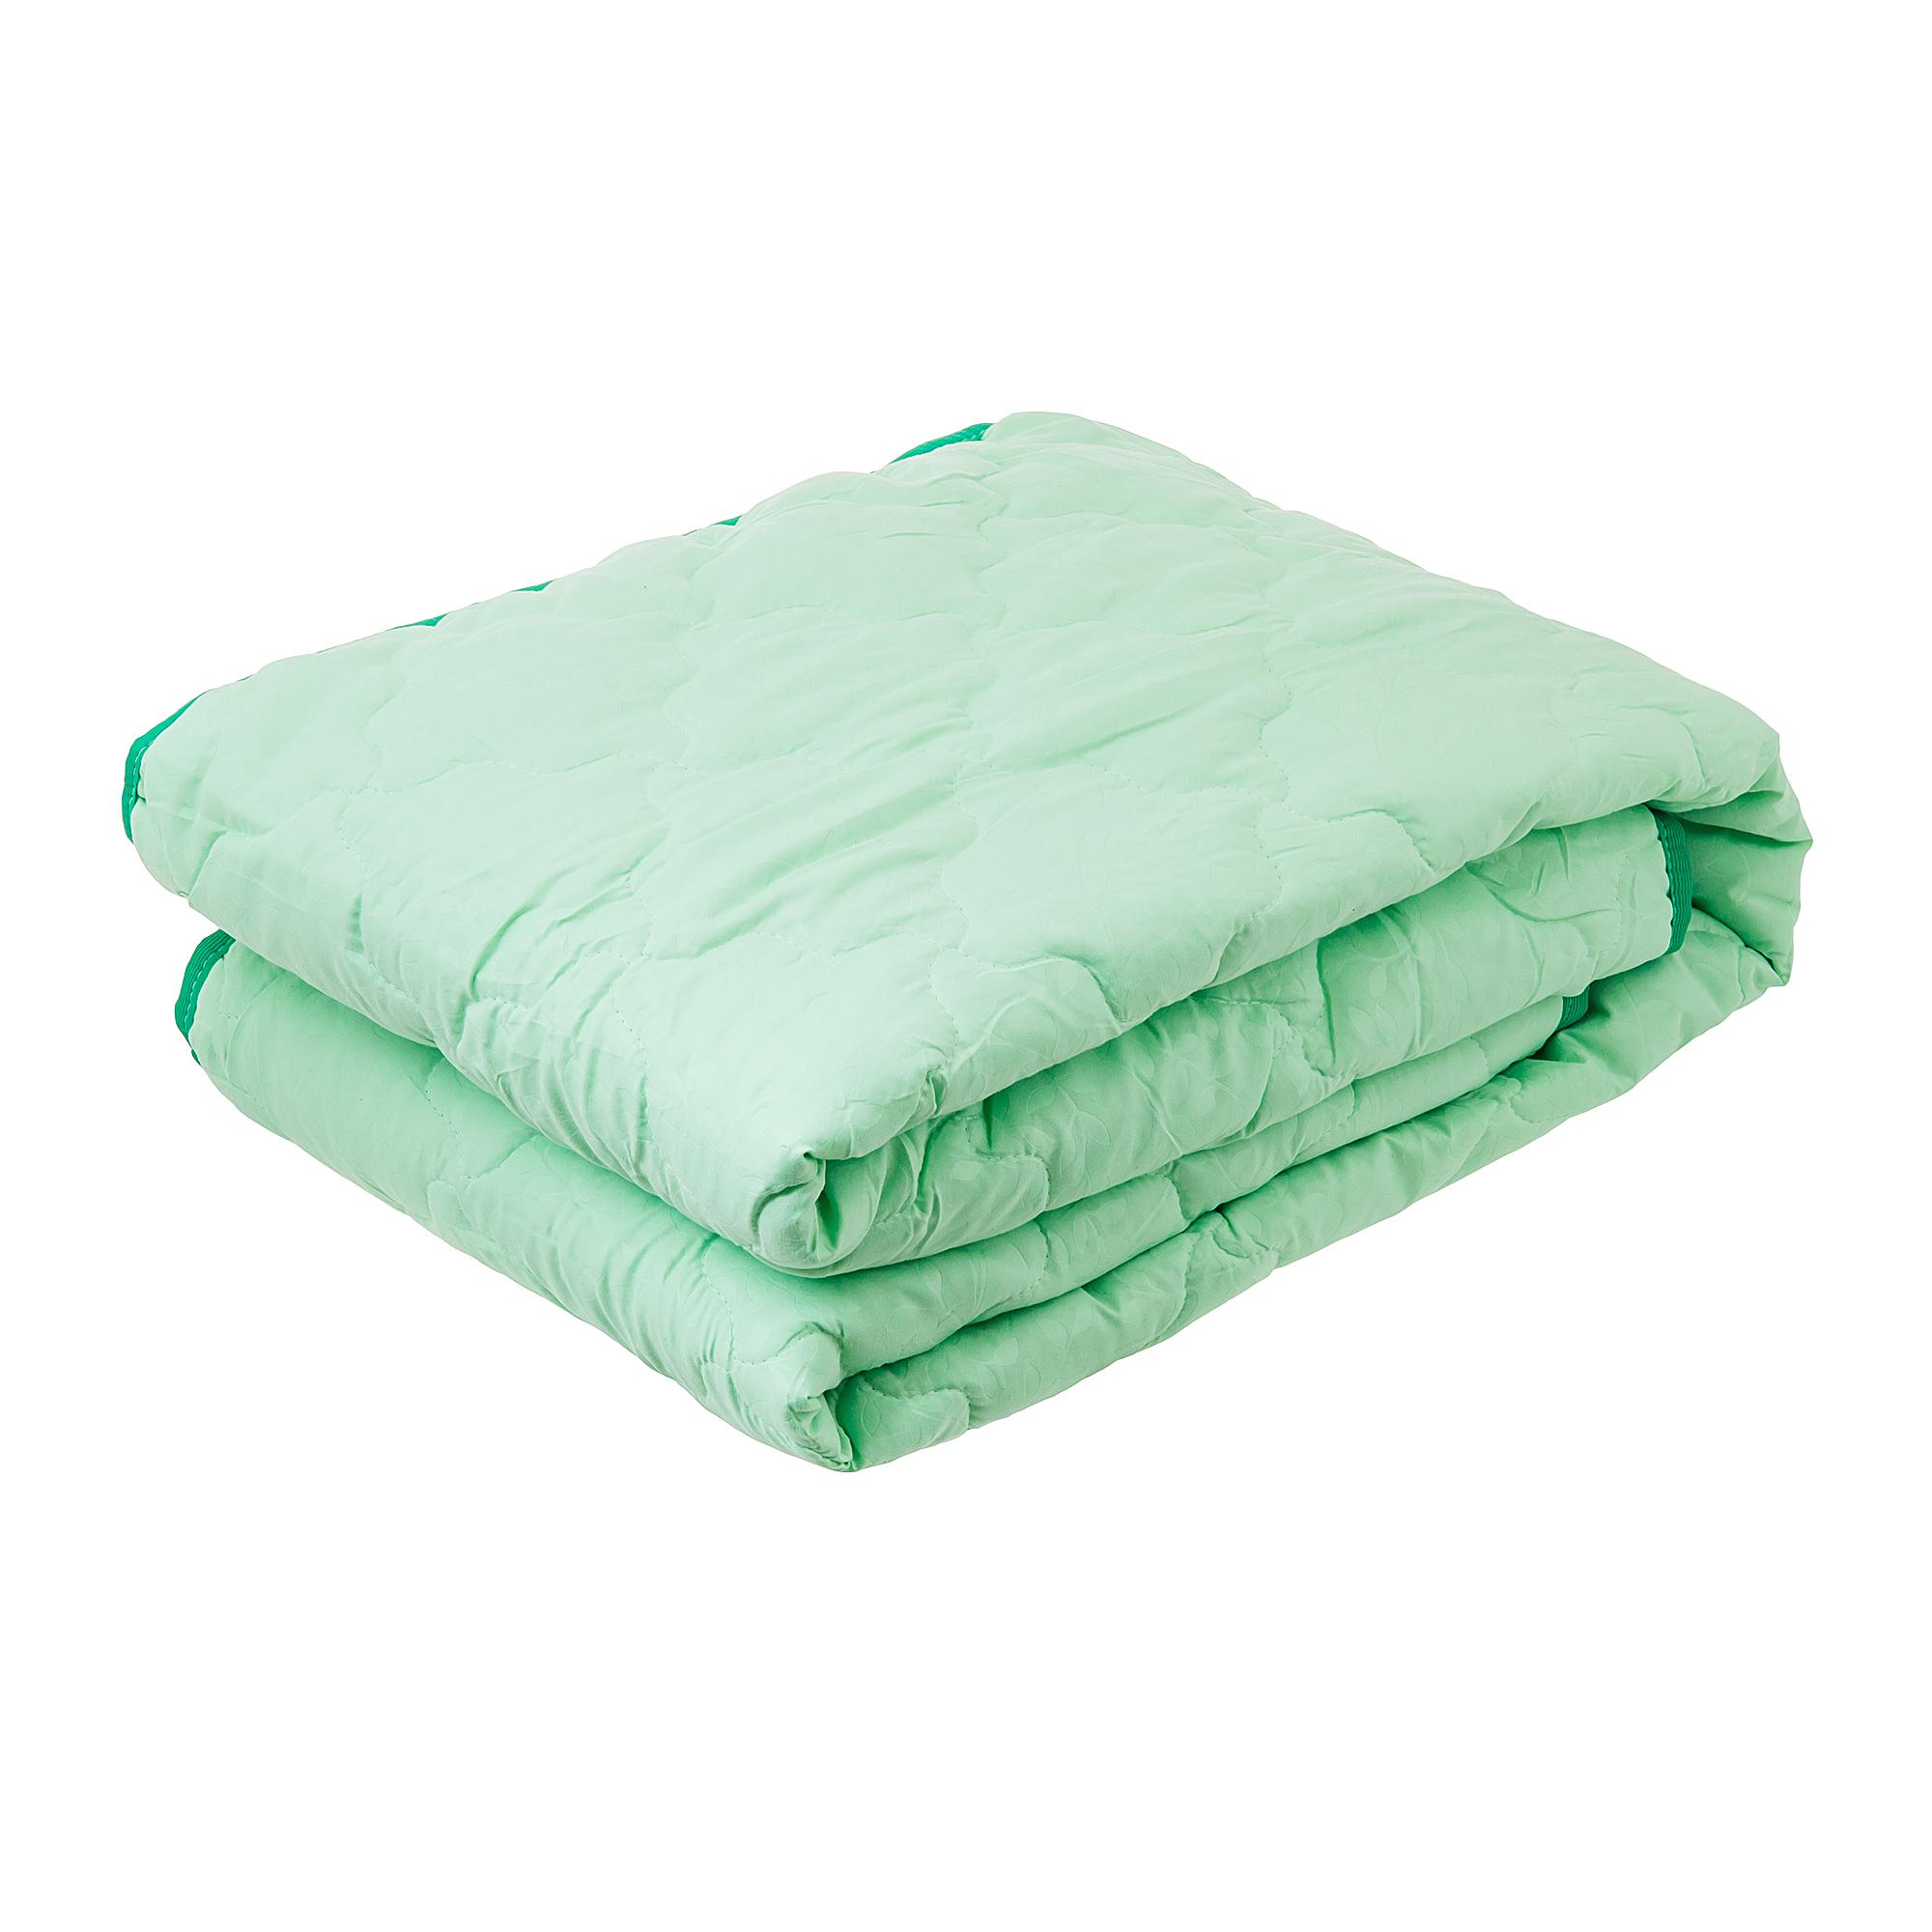 Одеяло стеганое бамбук-эко 140x205 Belashoff